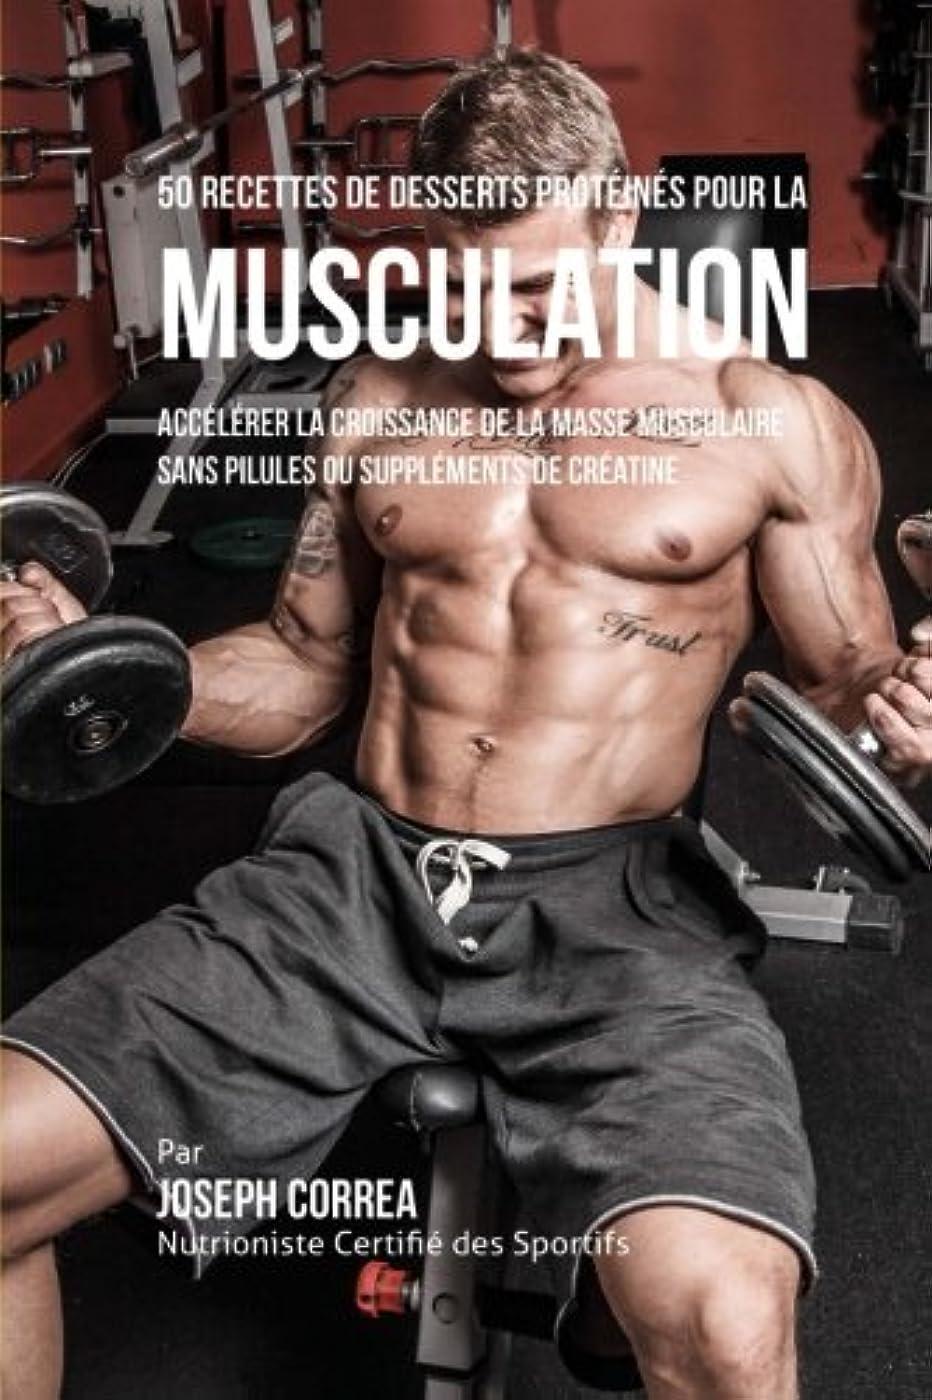 個人的にエレベータートチの実の木50 Recettes de Desserts Proteines pour la Musculation: Accelerer la croissance de la masse musculaire sans pilules ou supplements de creatine